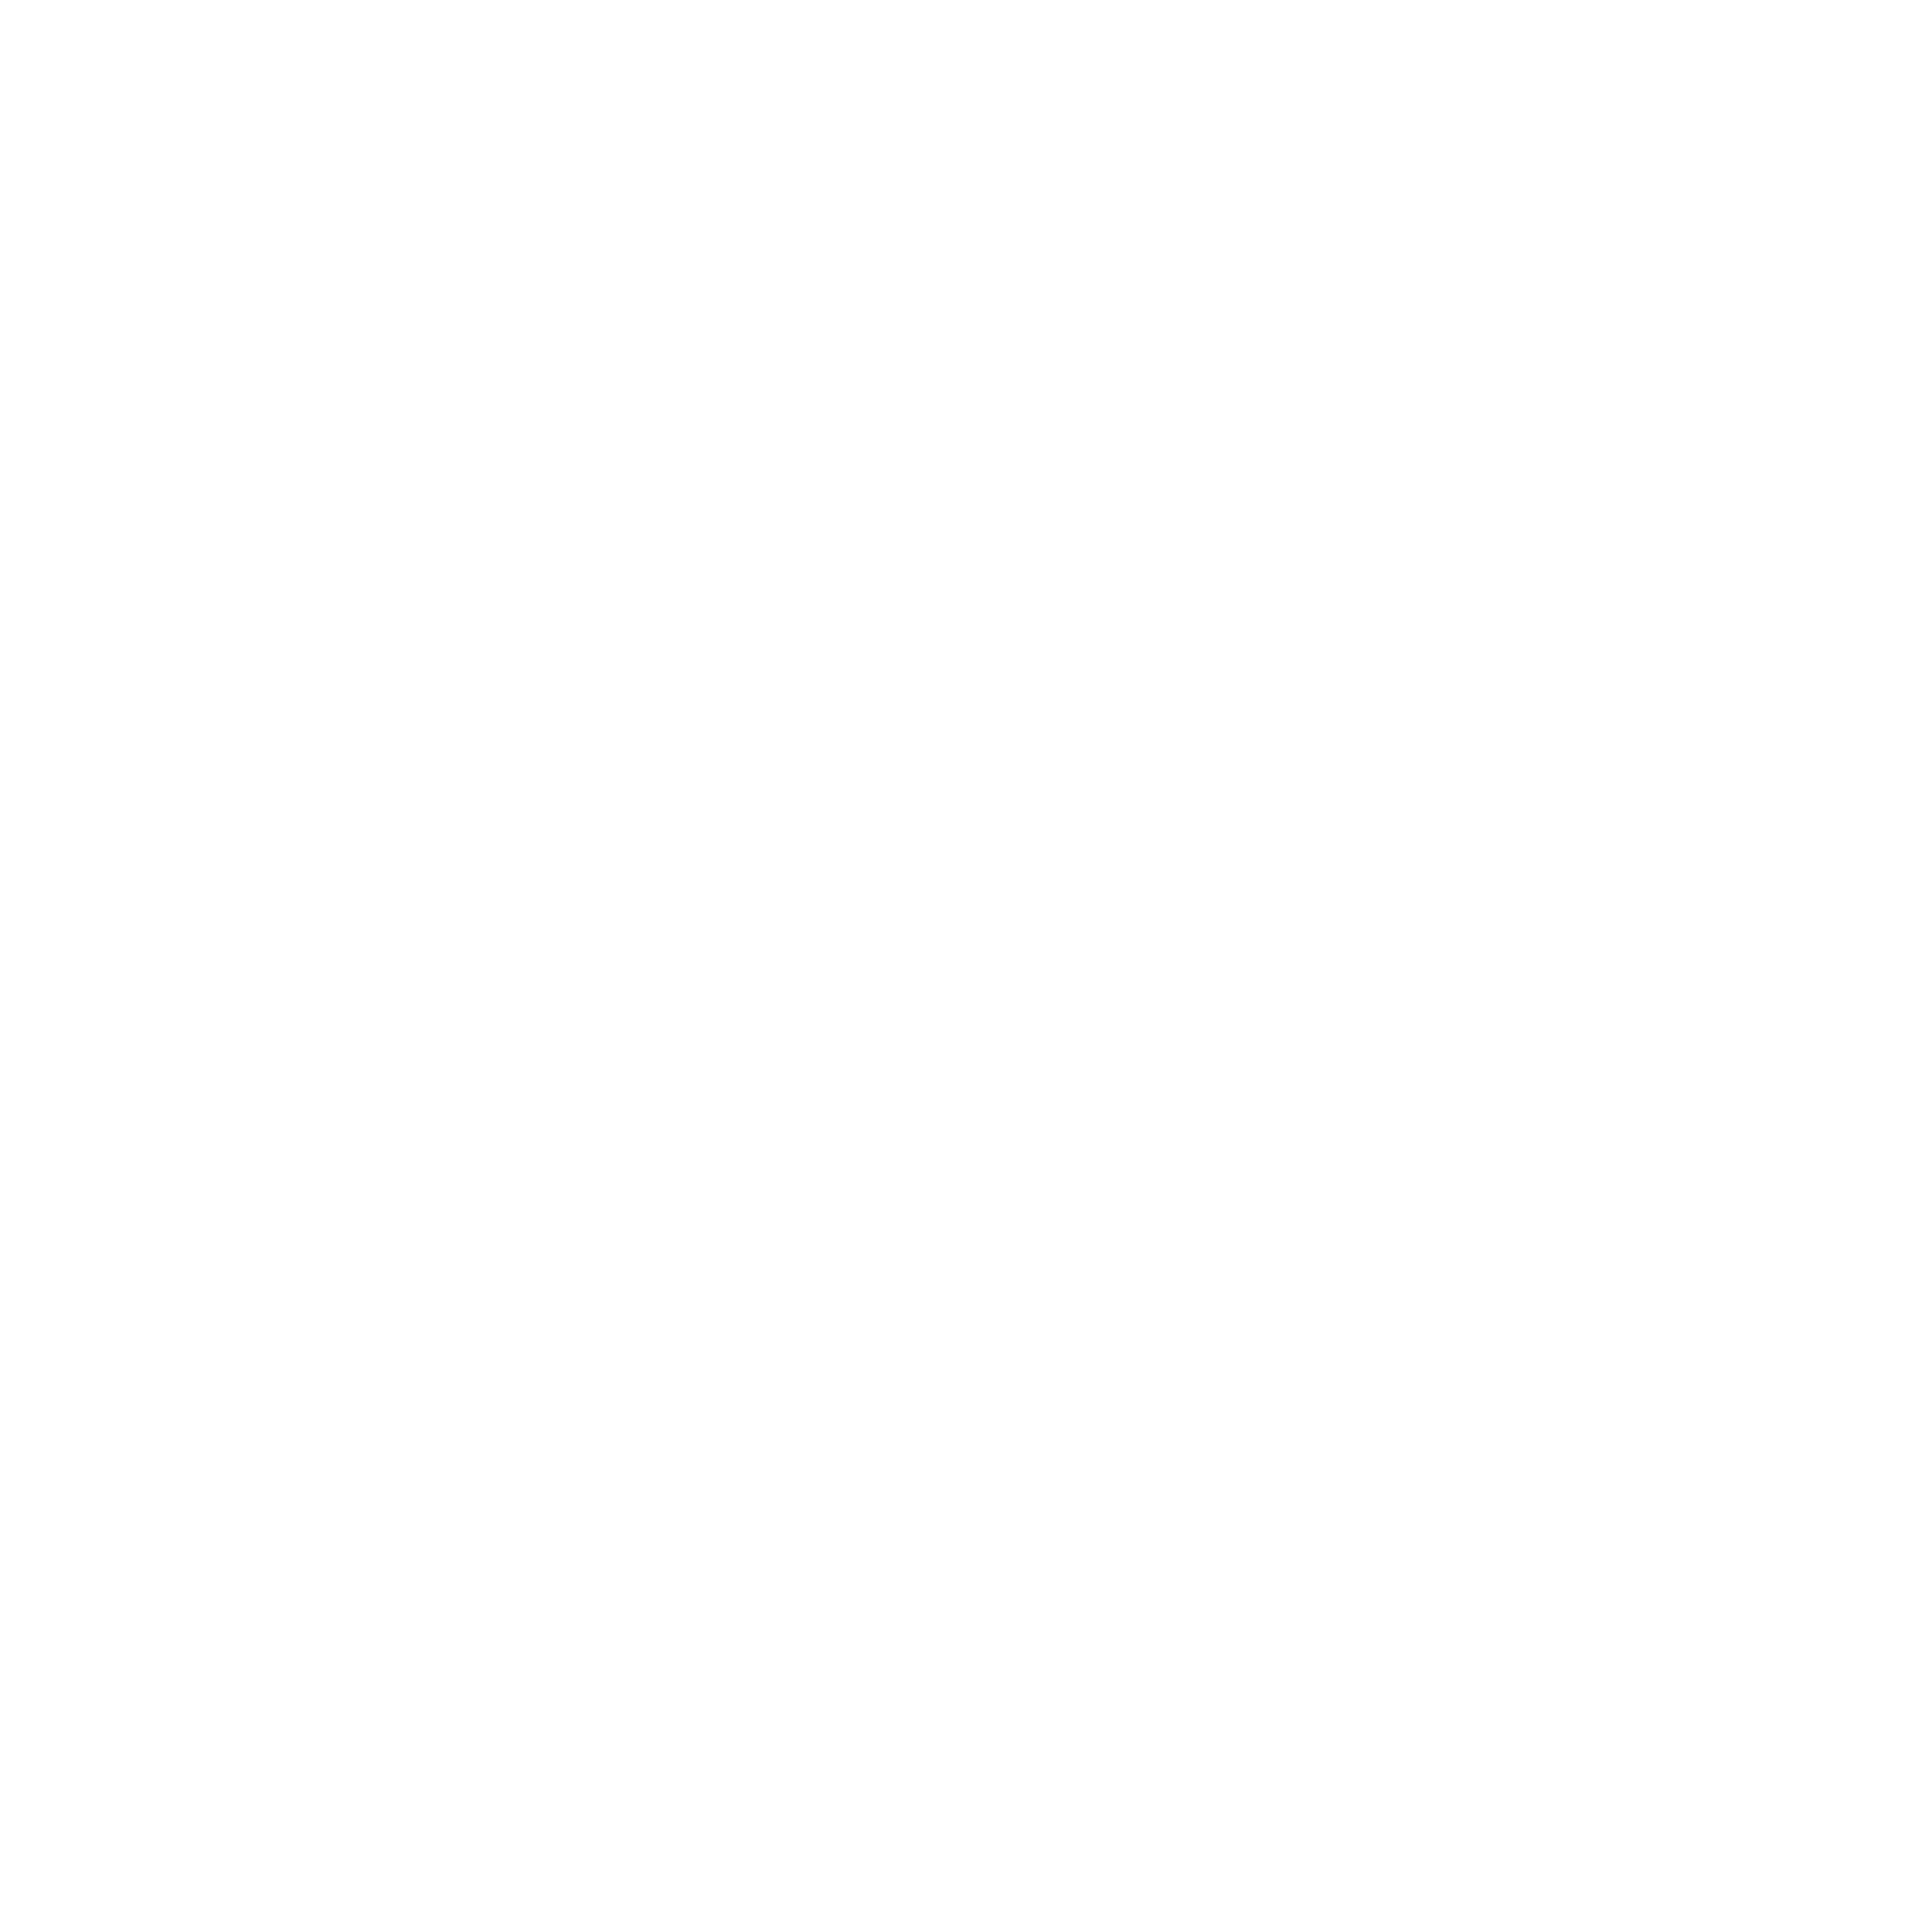 Лейка для биде нержавейка хромированная ANGO PB 010150 ANGO - 1